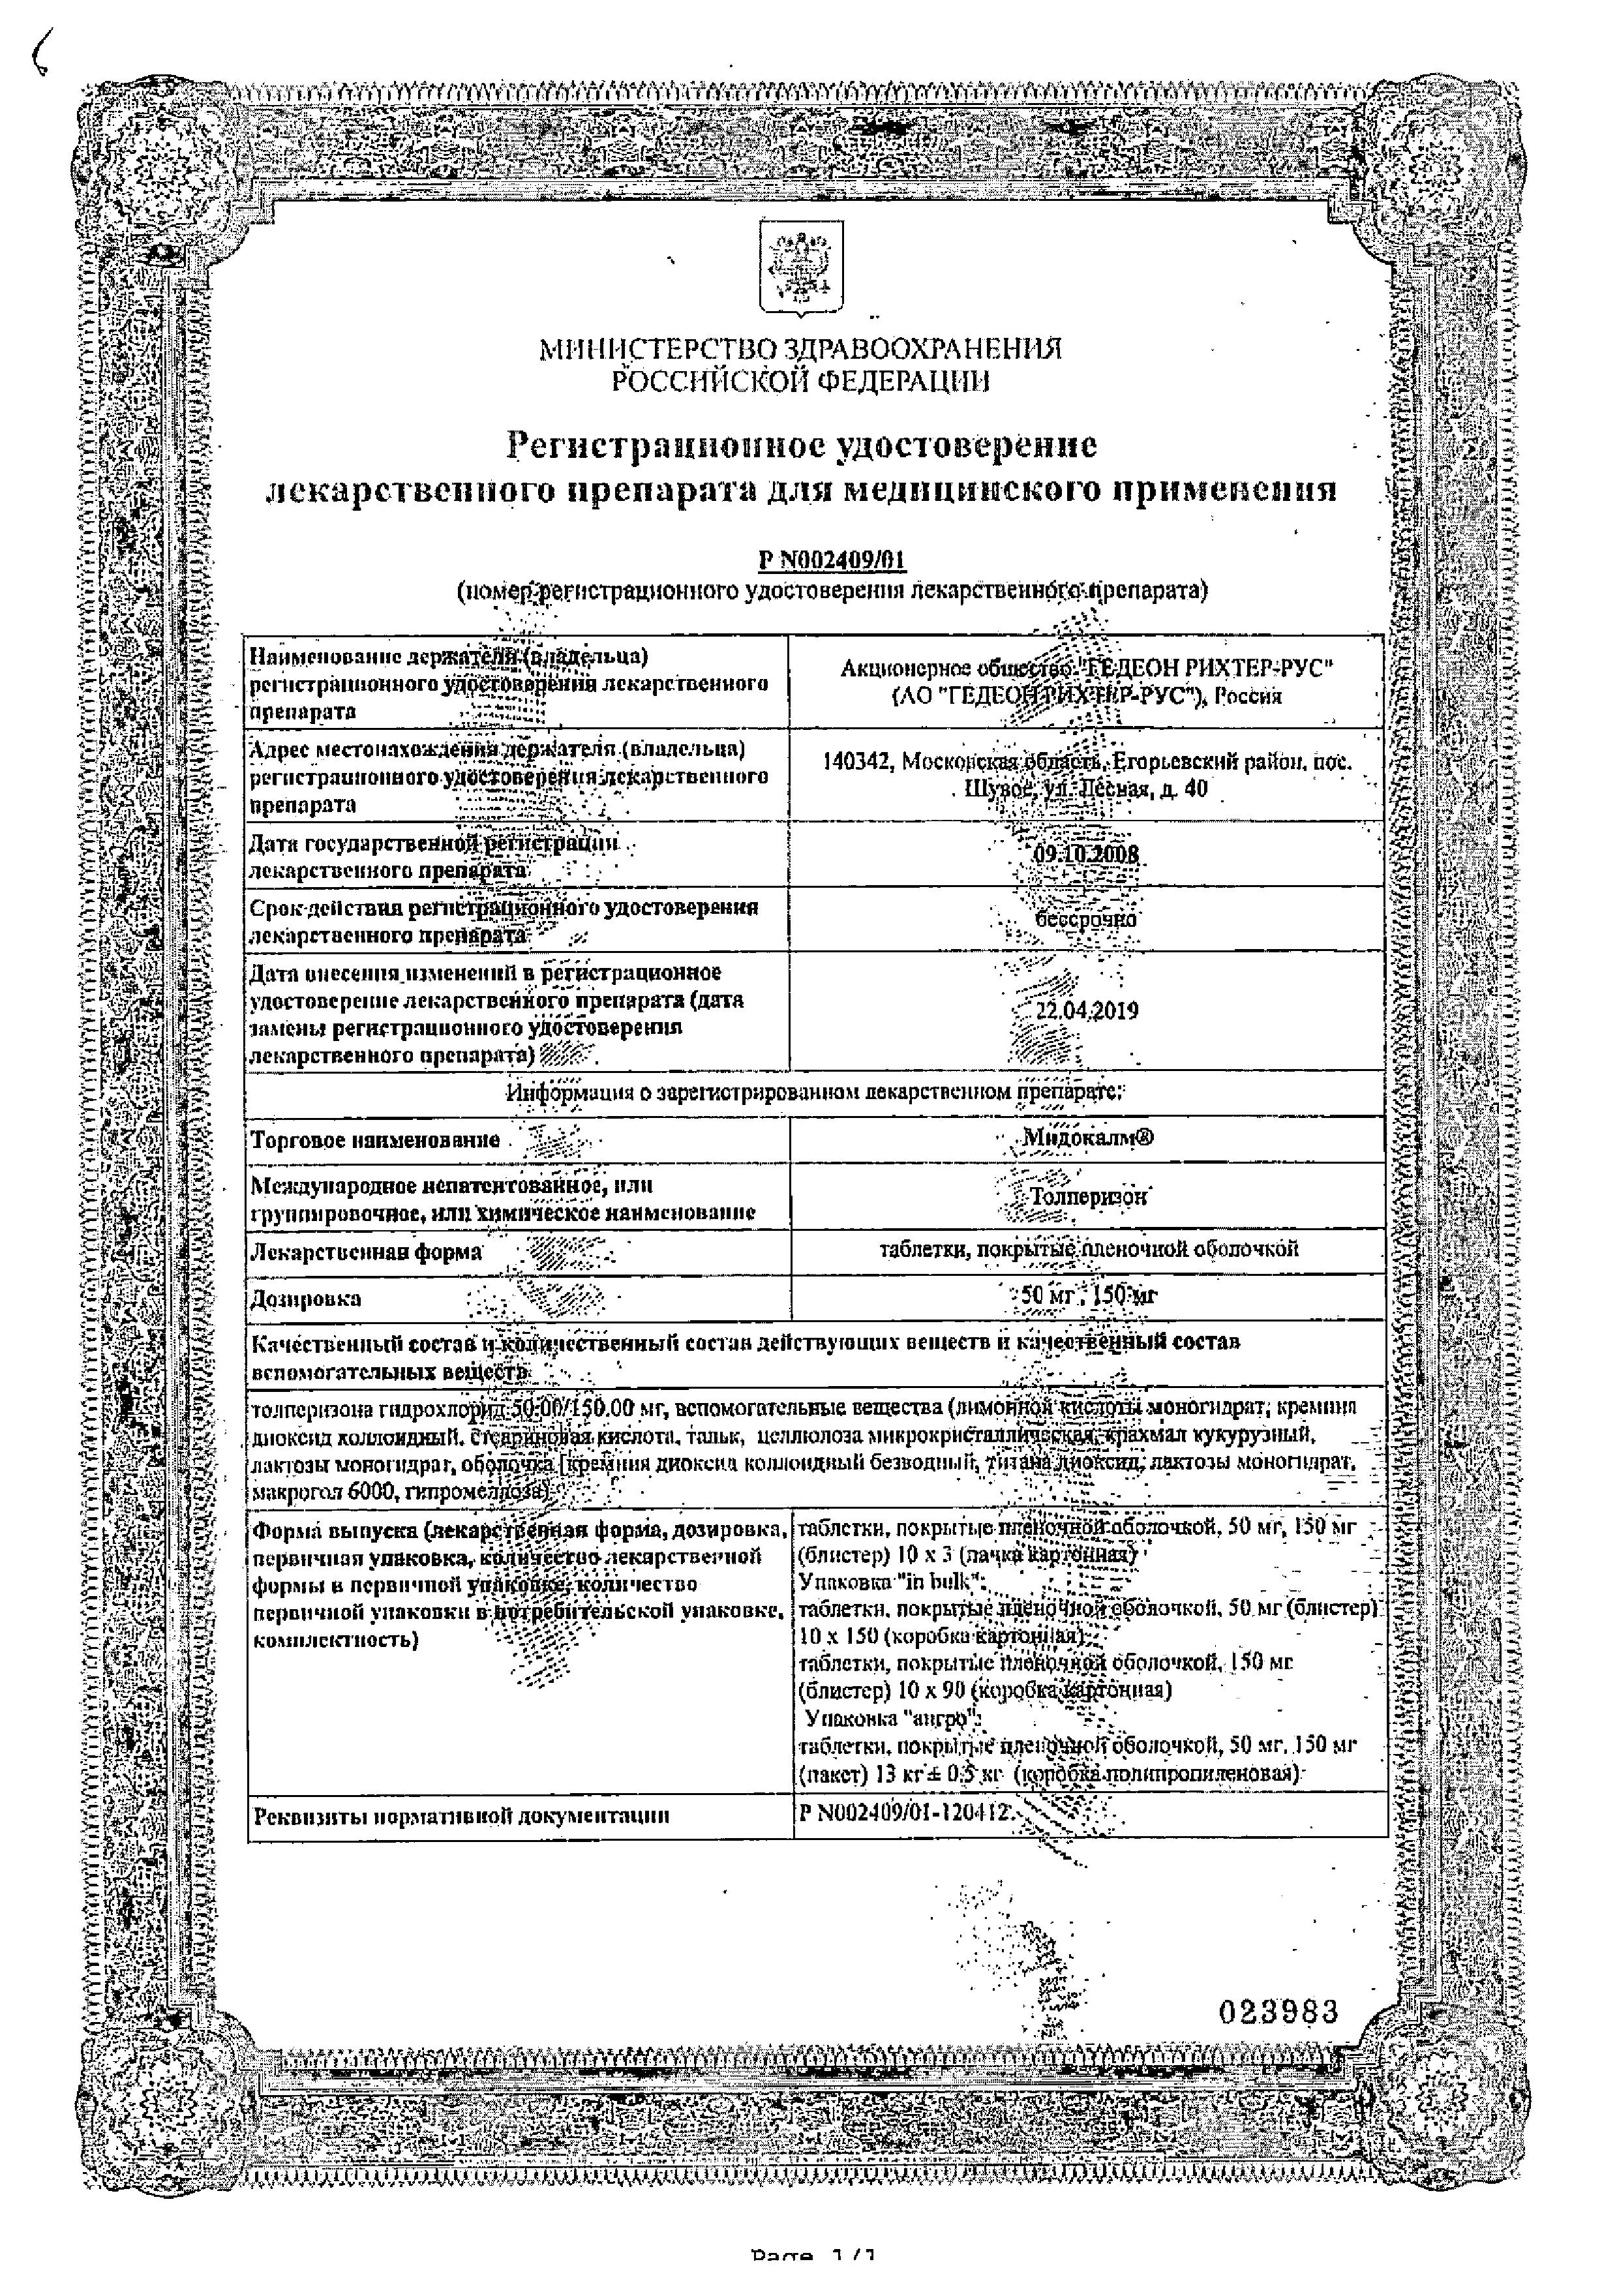 Мидокалм сертификат